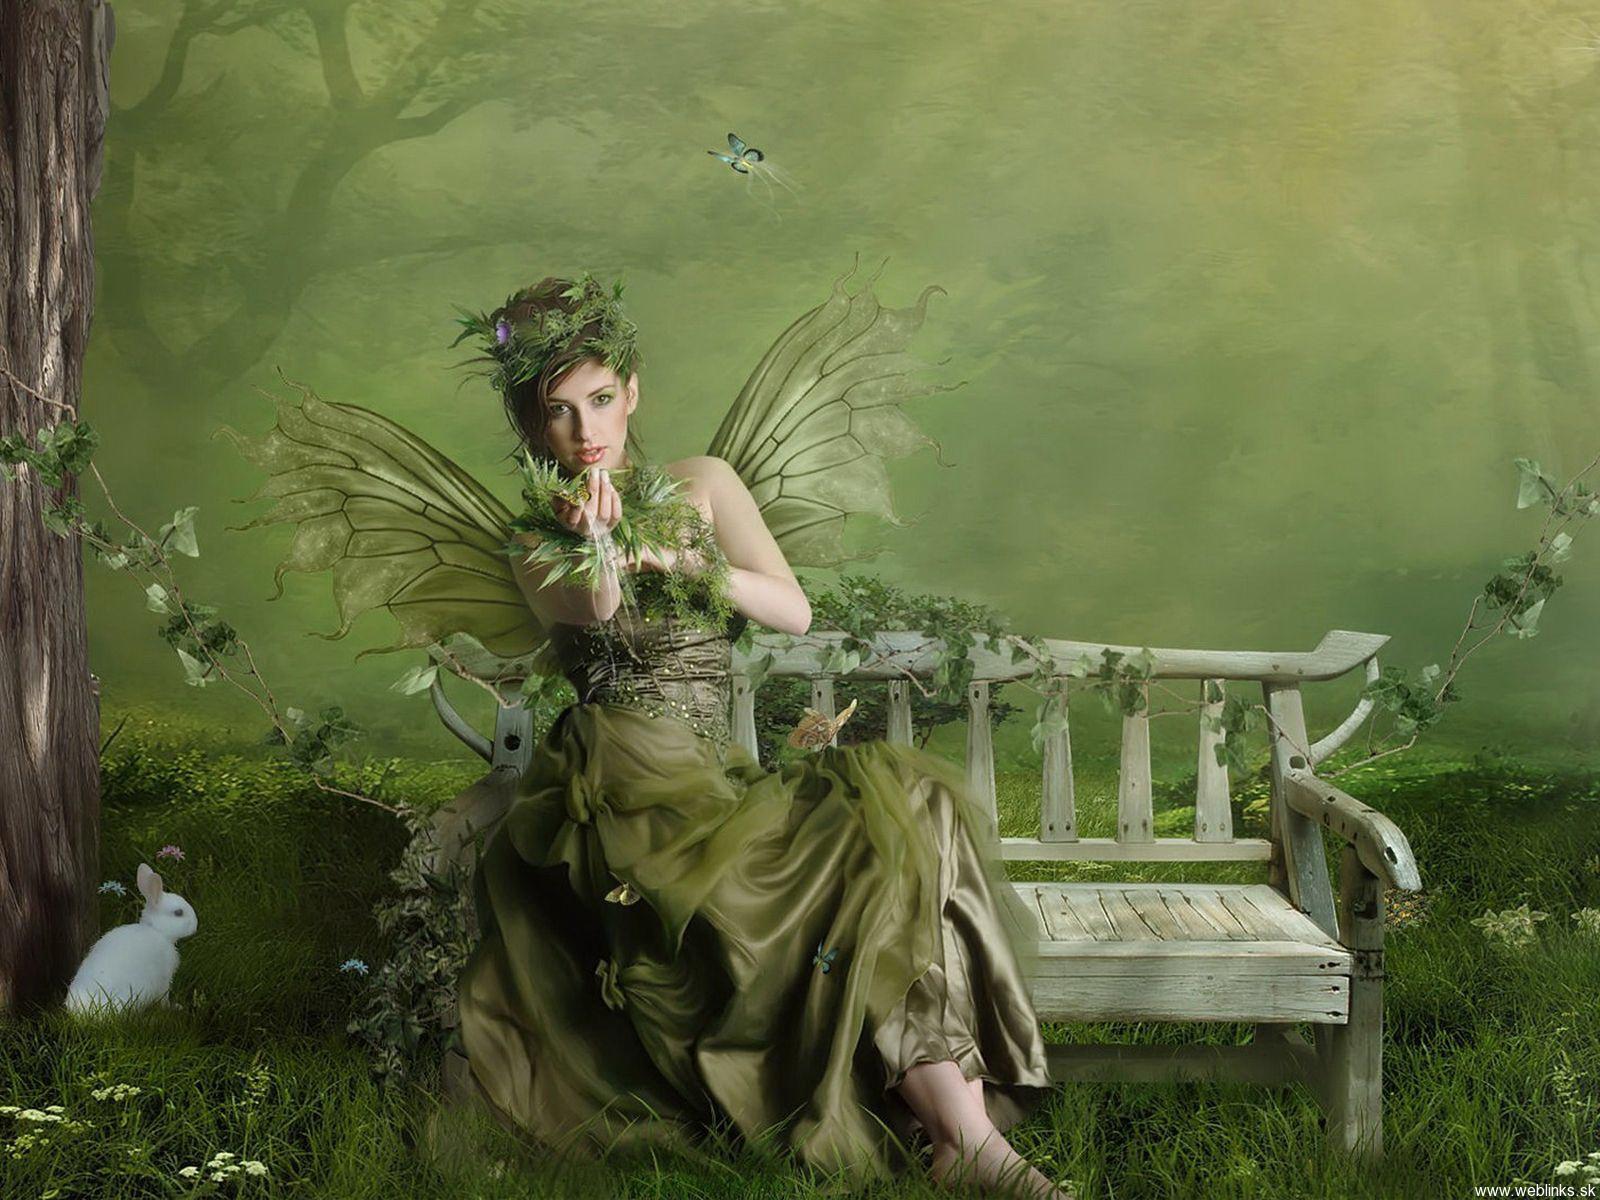 www.laba.ws_Beautiful_Elf_Desktop